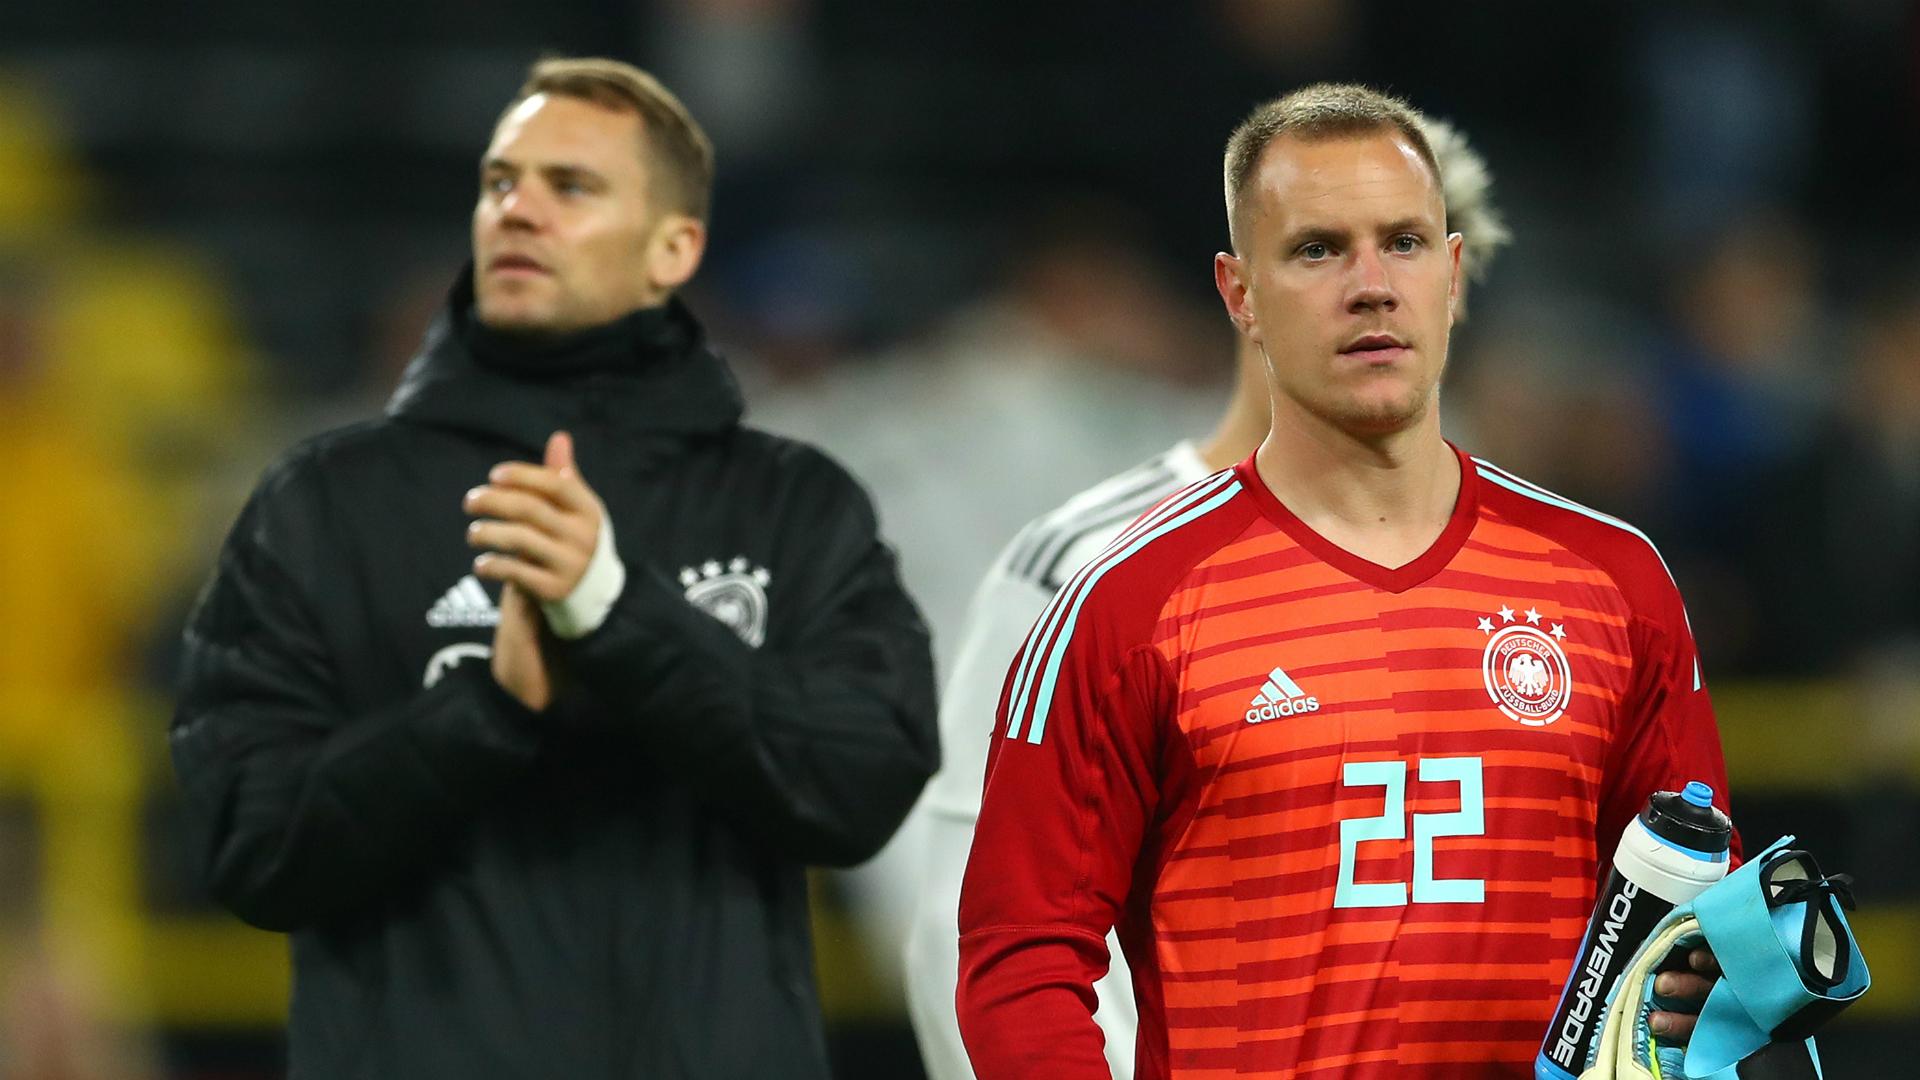 Marc-Andre ter Stegen v Manuel Neuer: Who is the better goalkeeper?